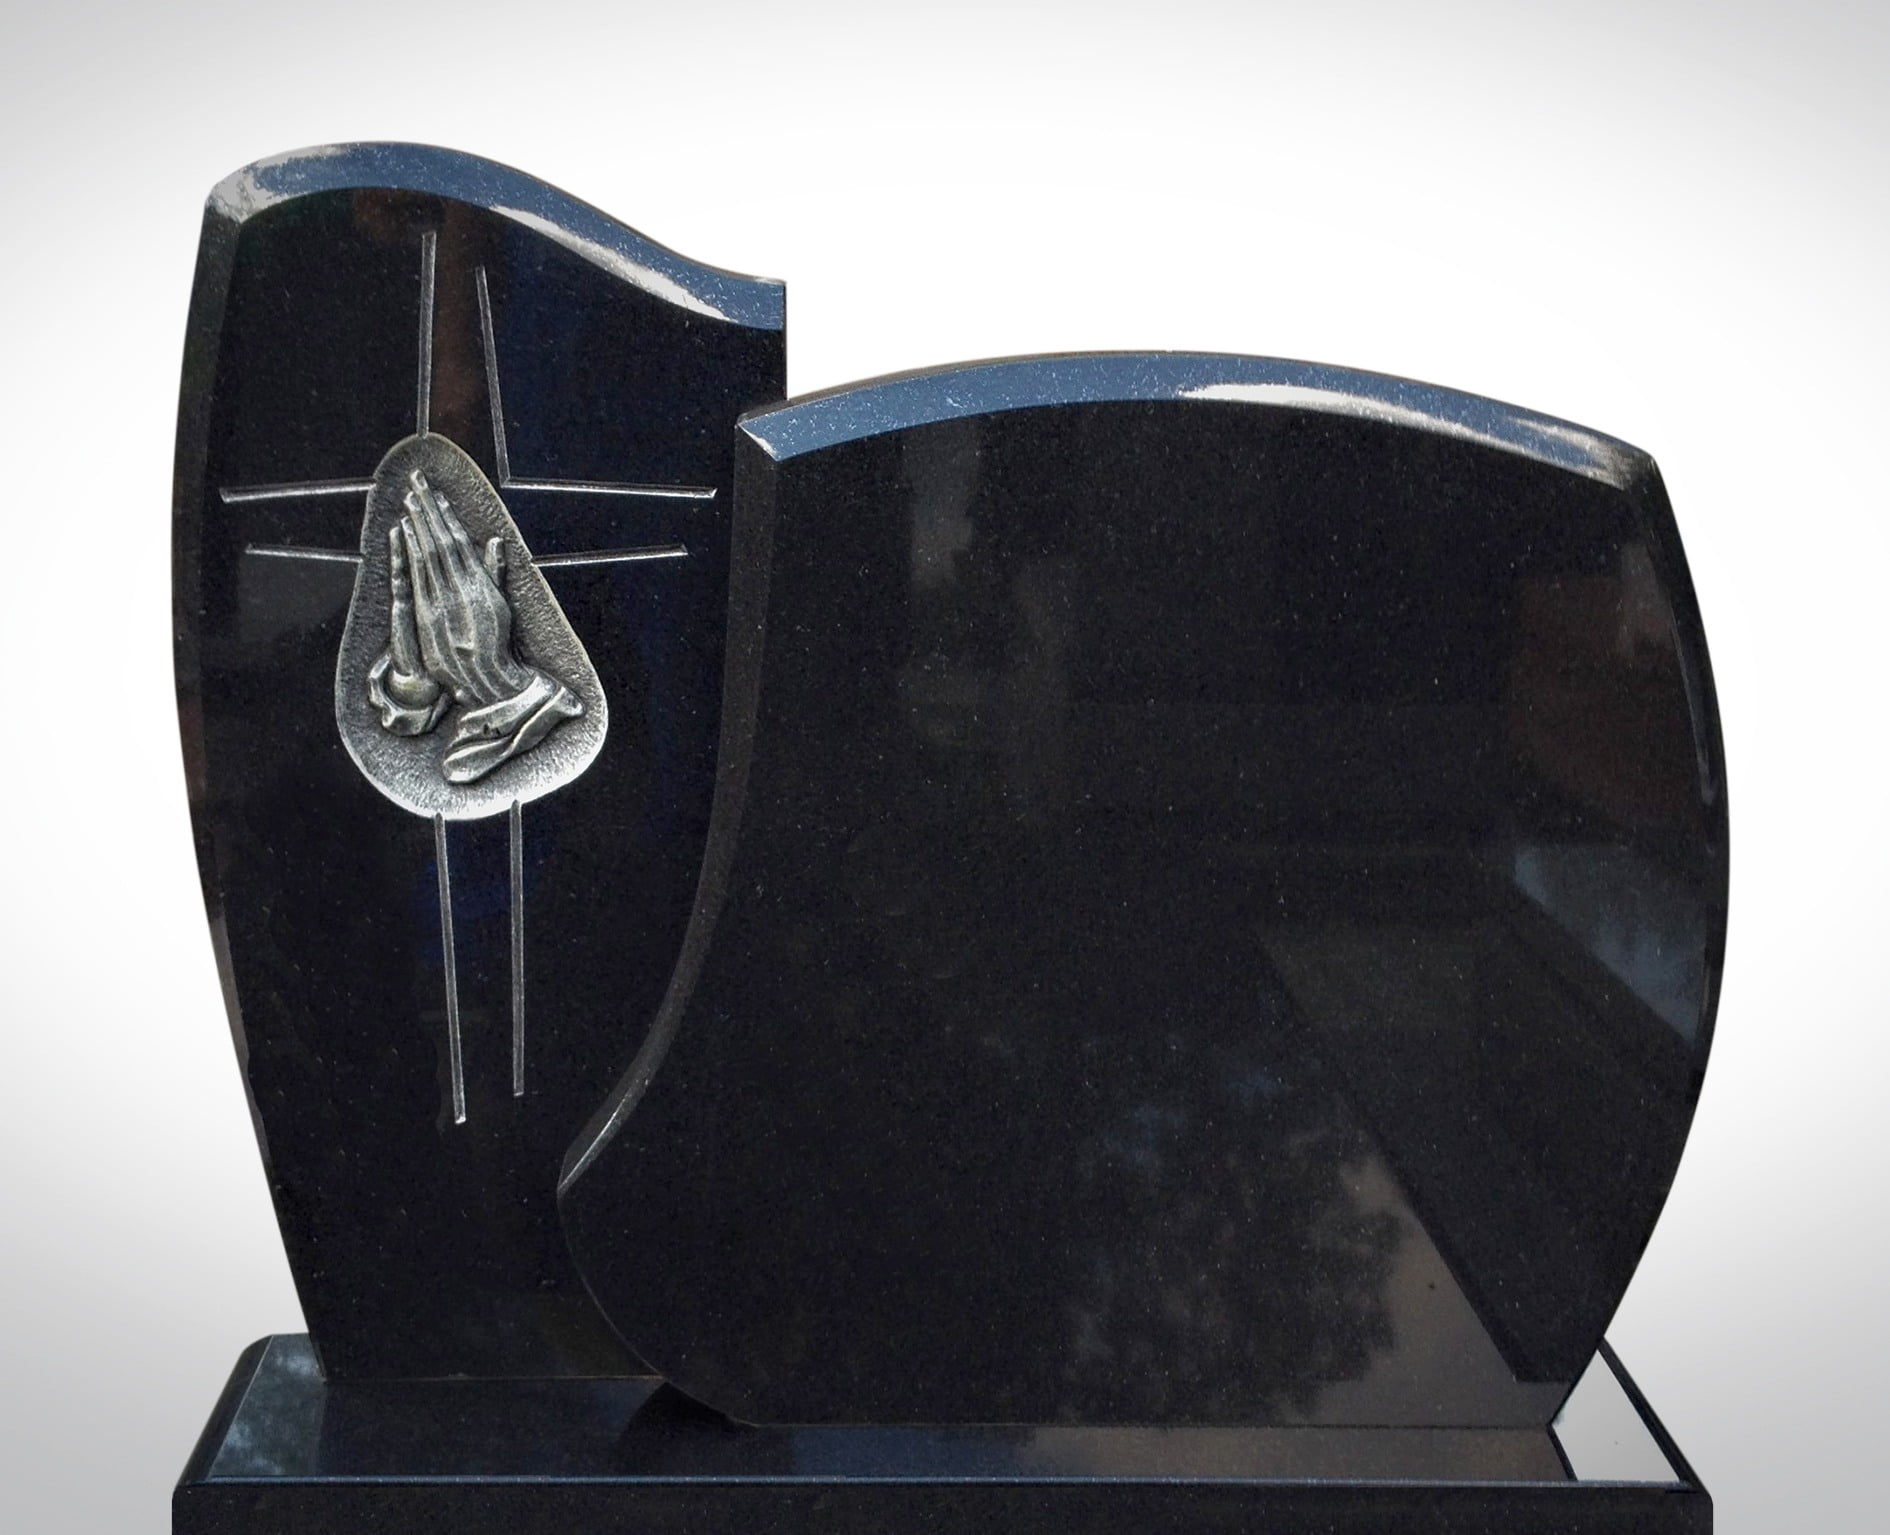 Czarny nagrobek z rzeźbą rąk - Nagrobki Bielsko-Biała